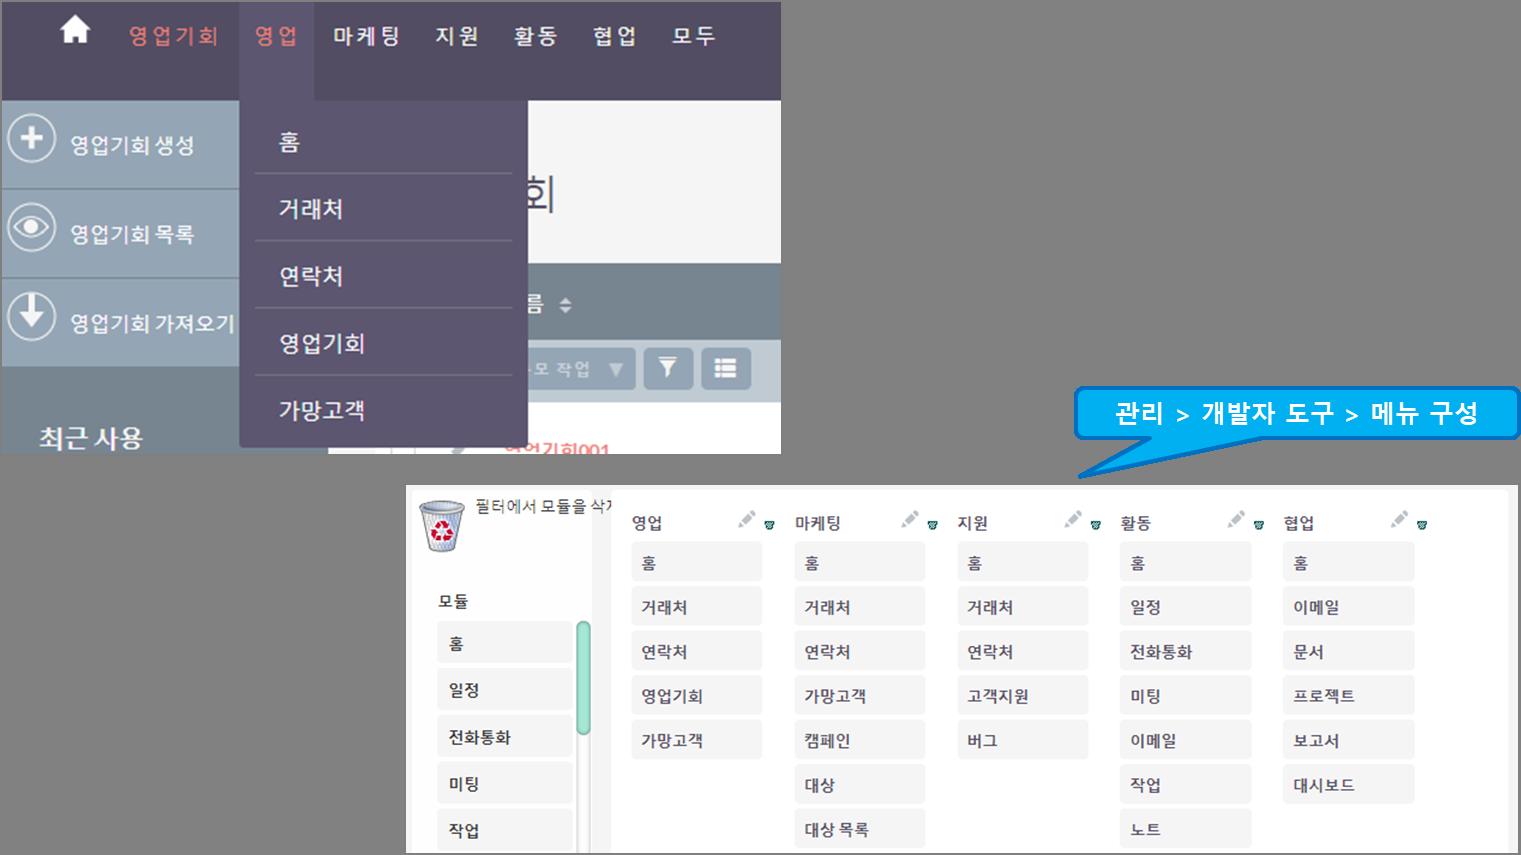 main_menu__001p.png